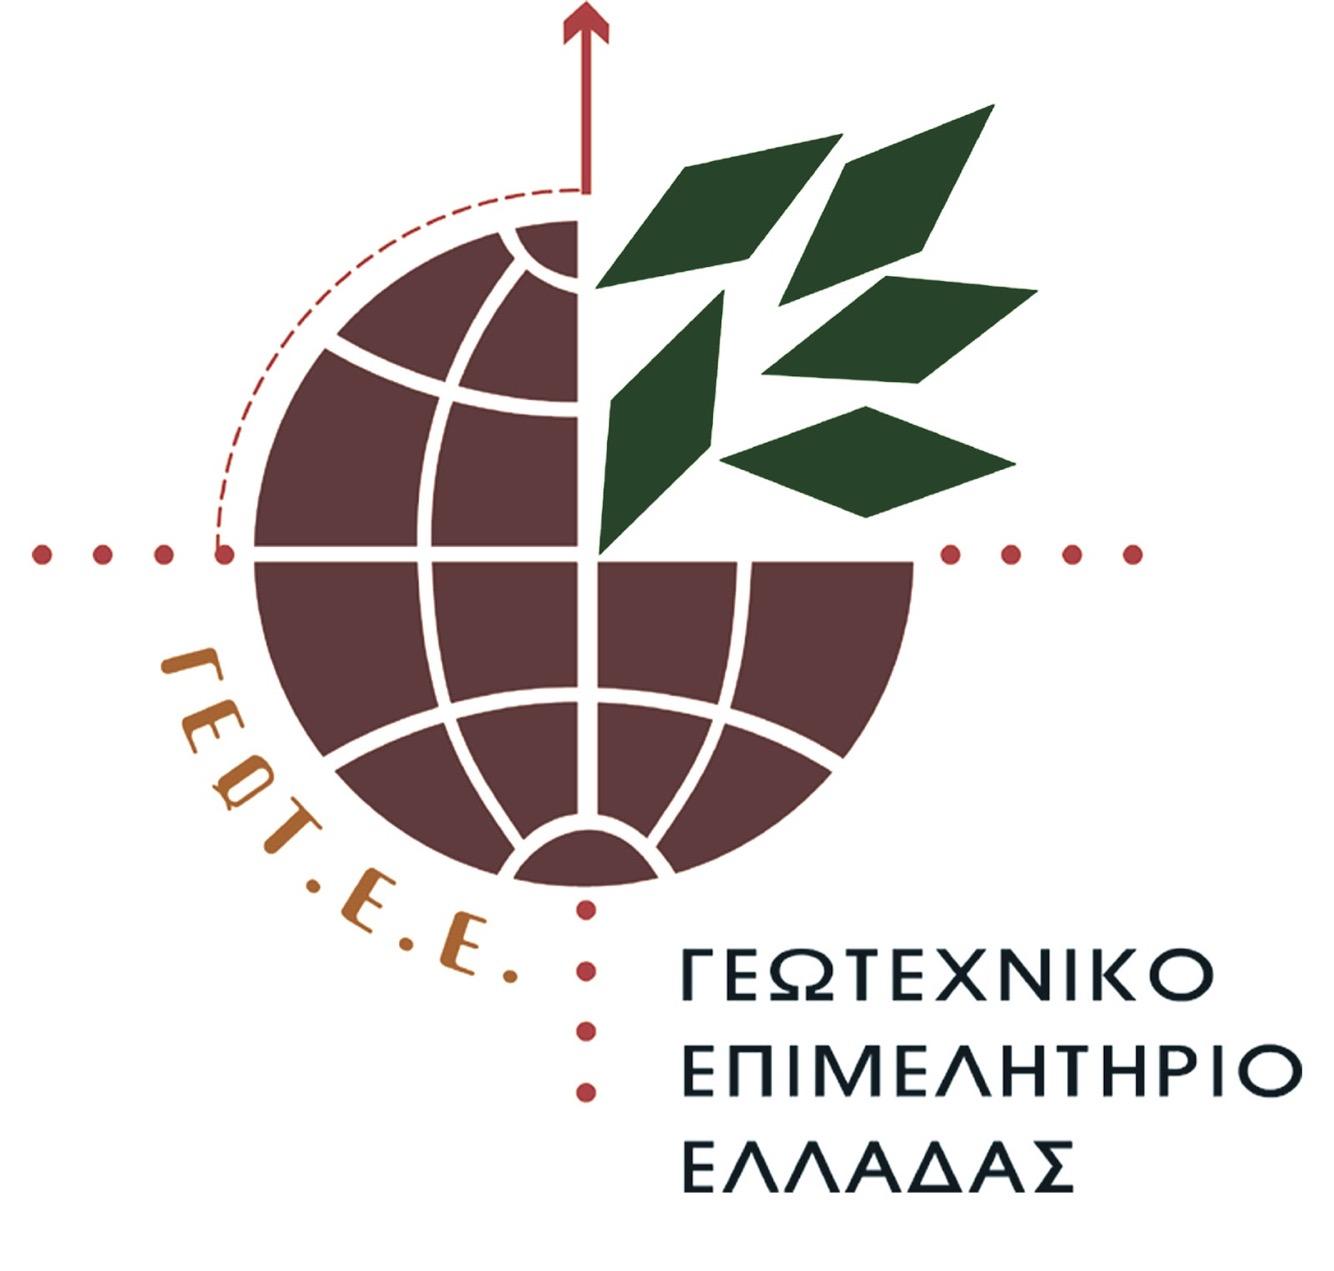 ΓΕΩΤ.Ε.Ε./Π.Δ.Μ.: Ενημερωτική εκδήλωση παρουσίασης της Μελέτης για τη Μεταλιγνιτική Περίοδο & Κοπή πρωτοχρονιάτικης πίτας